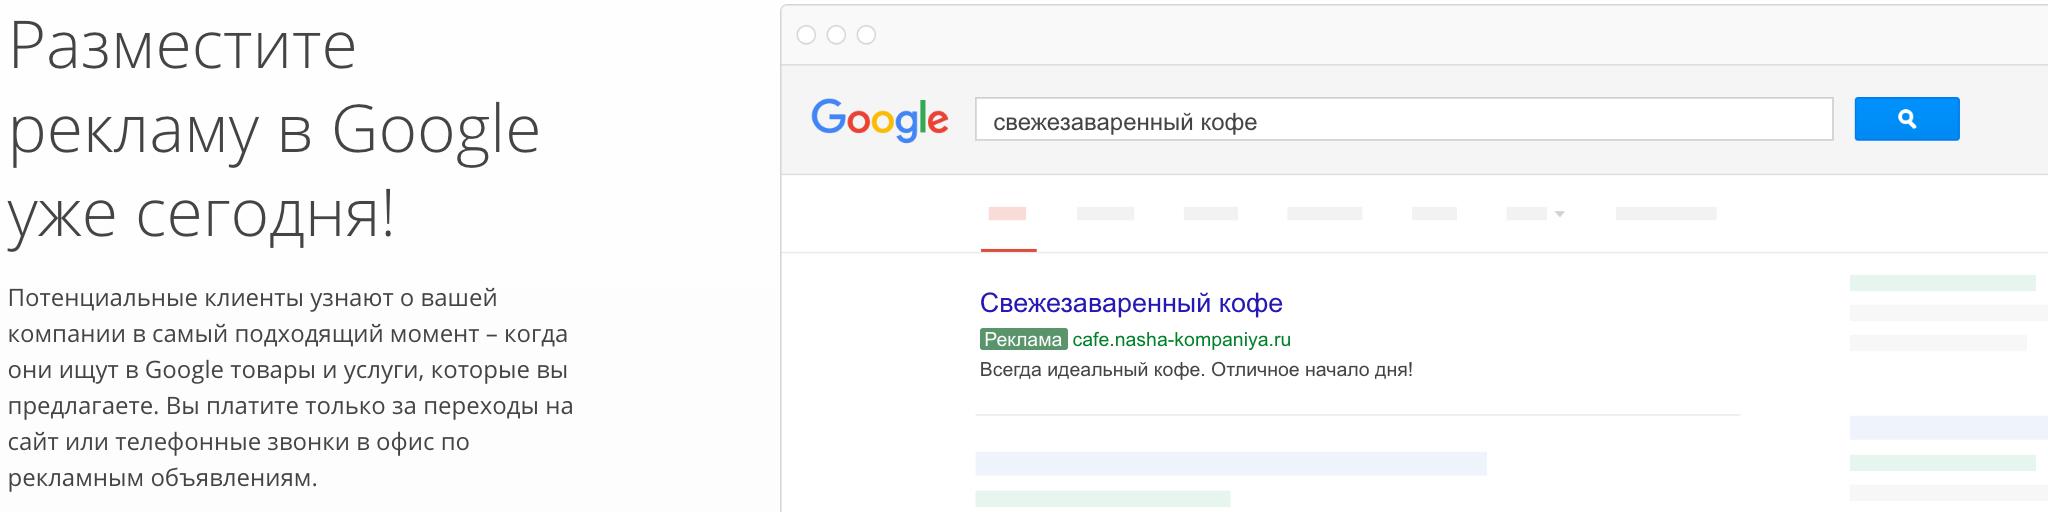 Реклама Google AdWords